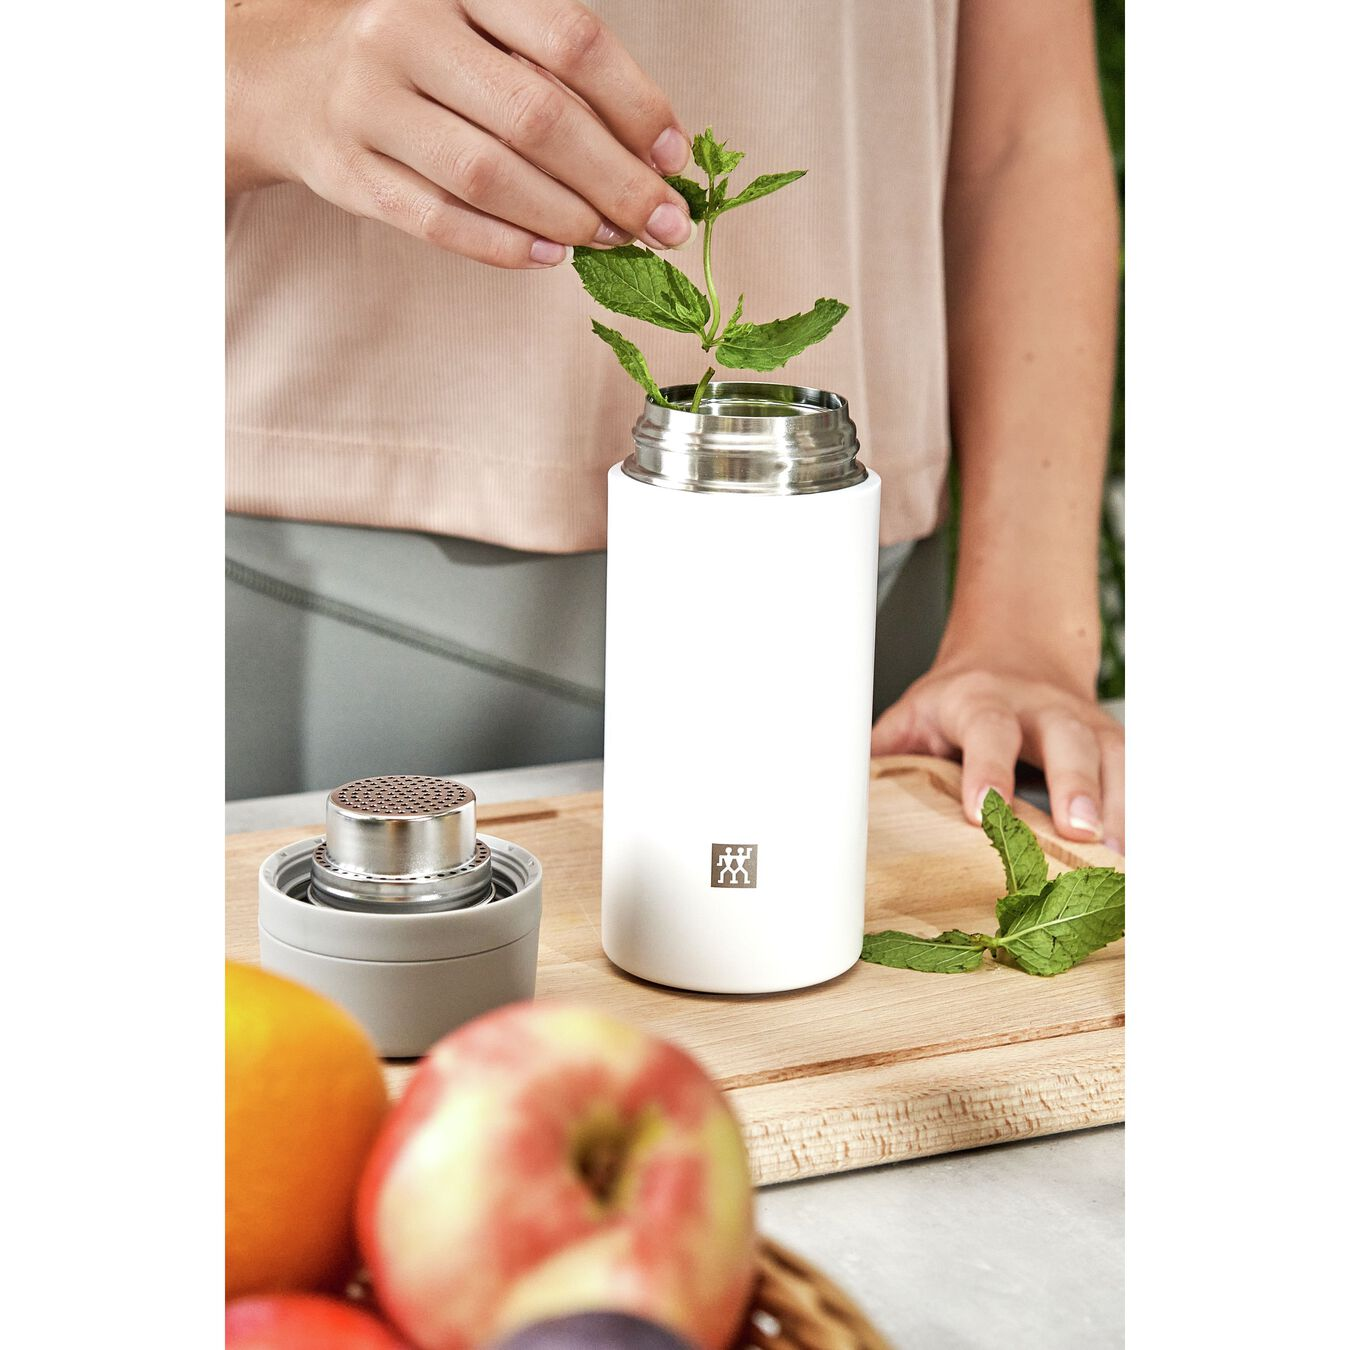 Thermos - 420 ml, acciaio inox, bianco,,large 7